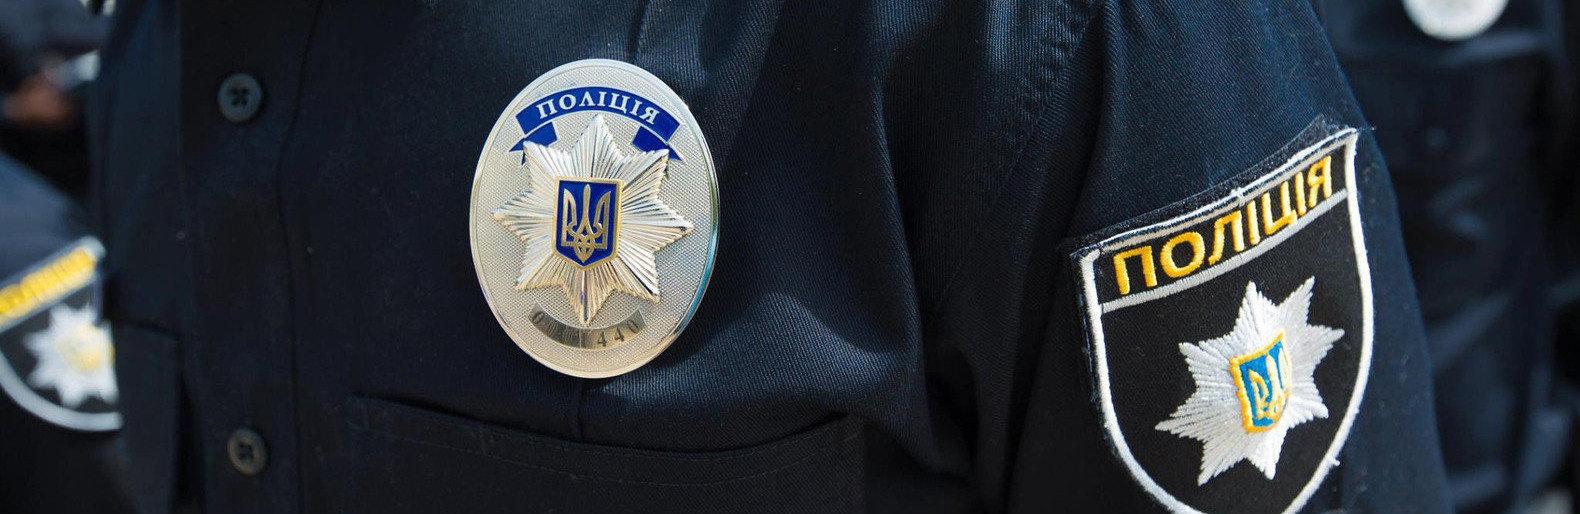 В Одессе патрульные задержали борцов с ситилайтами,- ФОТО0